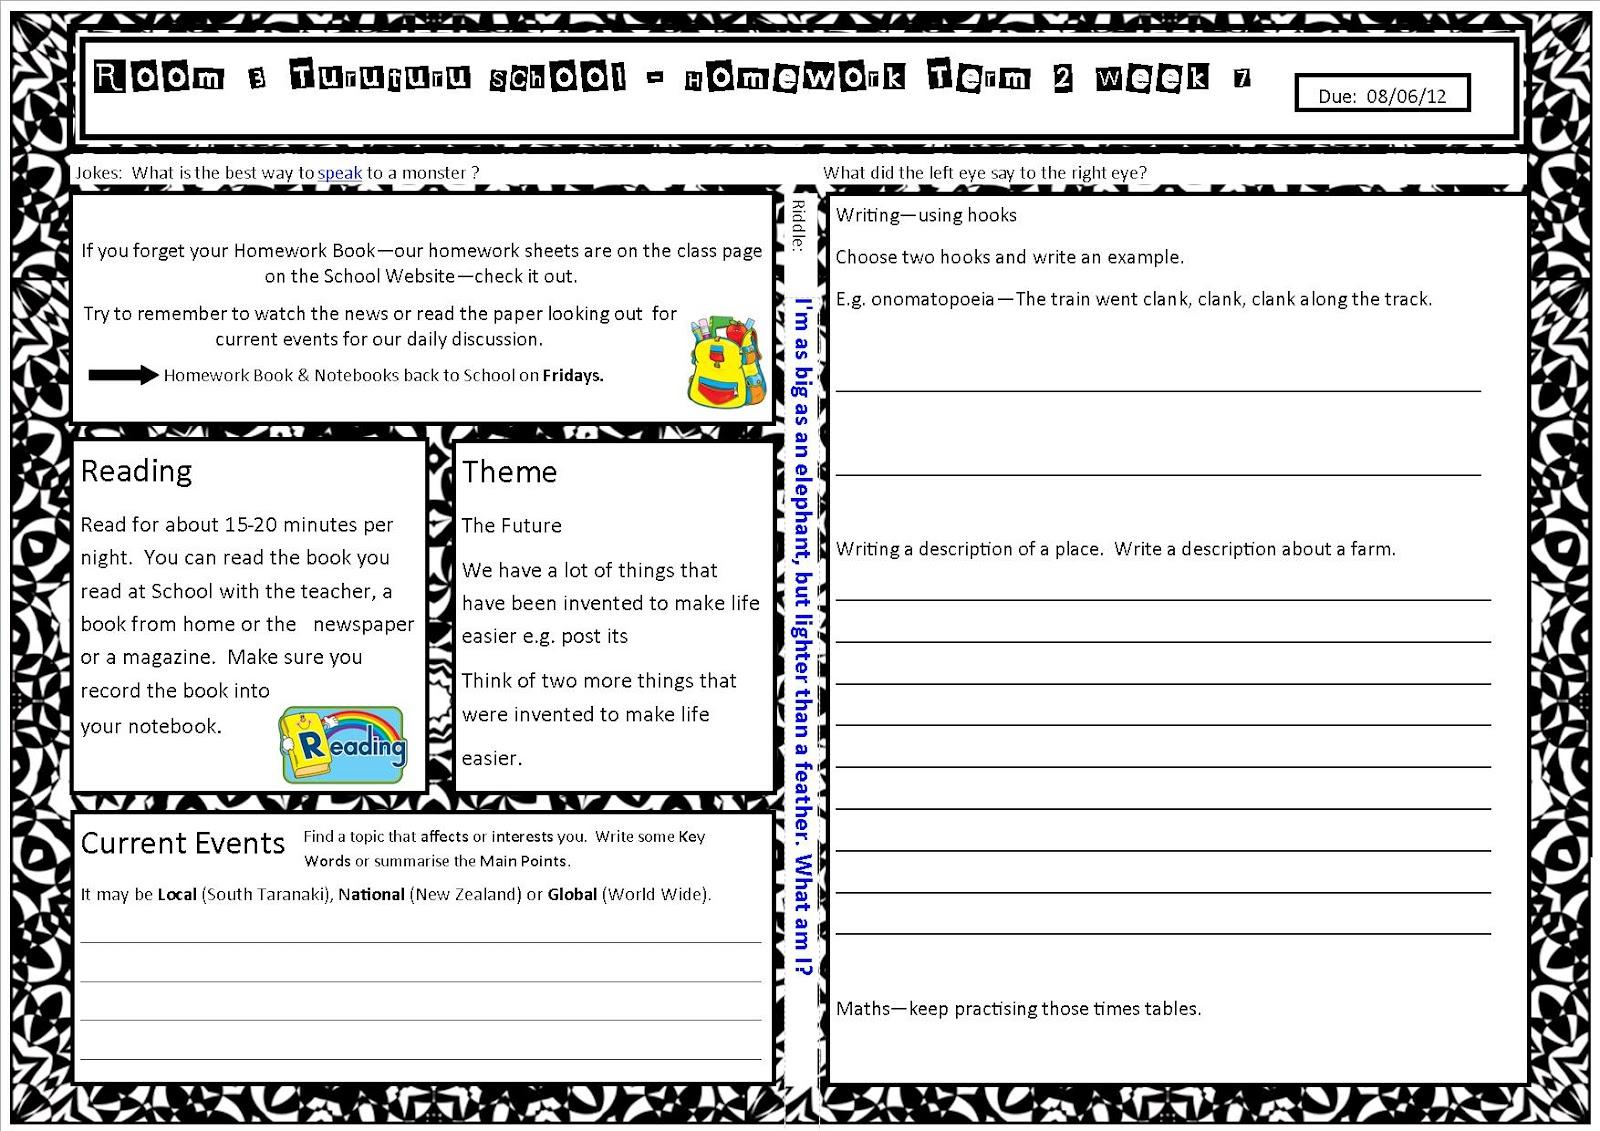 Turuturu School Room 3 Homework